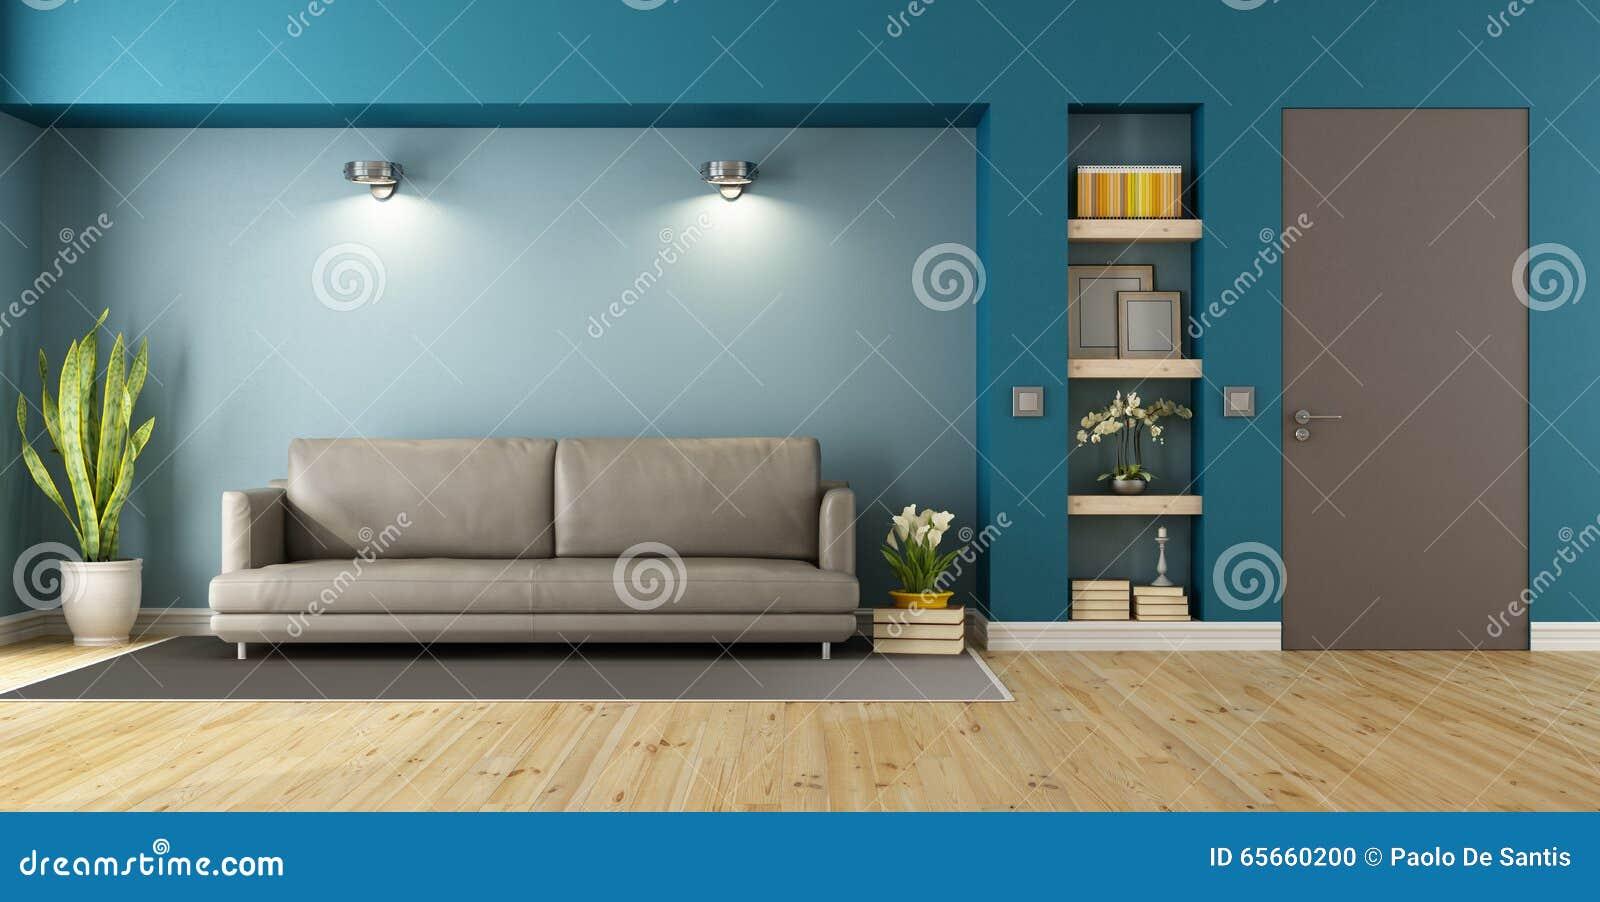 salon moderne bleu et brun illustration stock image. Black Bedroom Furniture Sets. Home Design Ideas